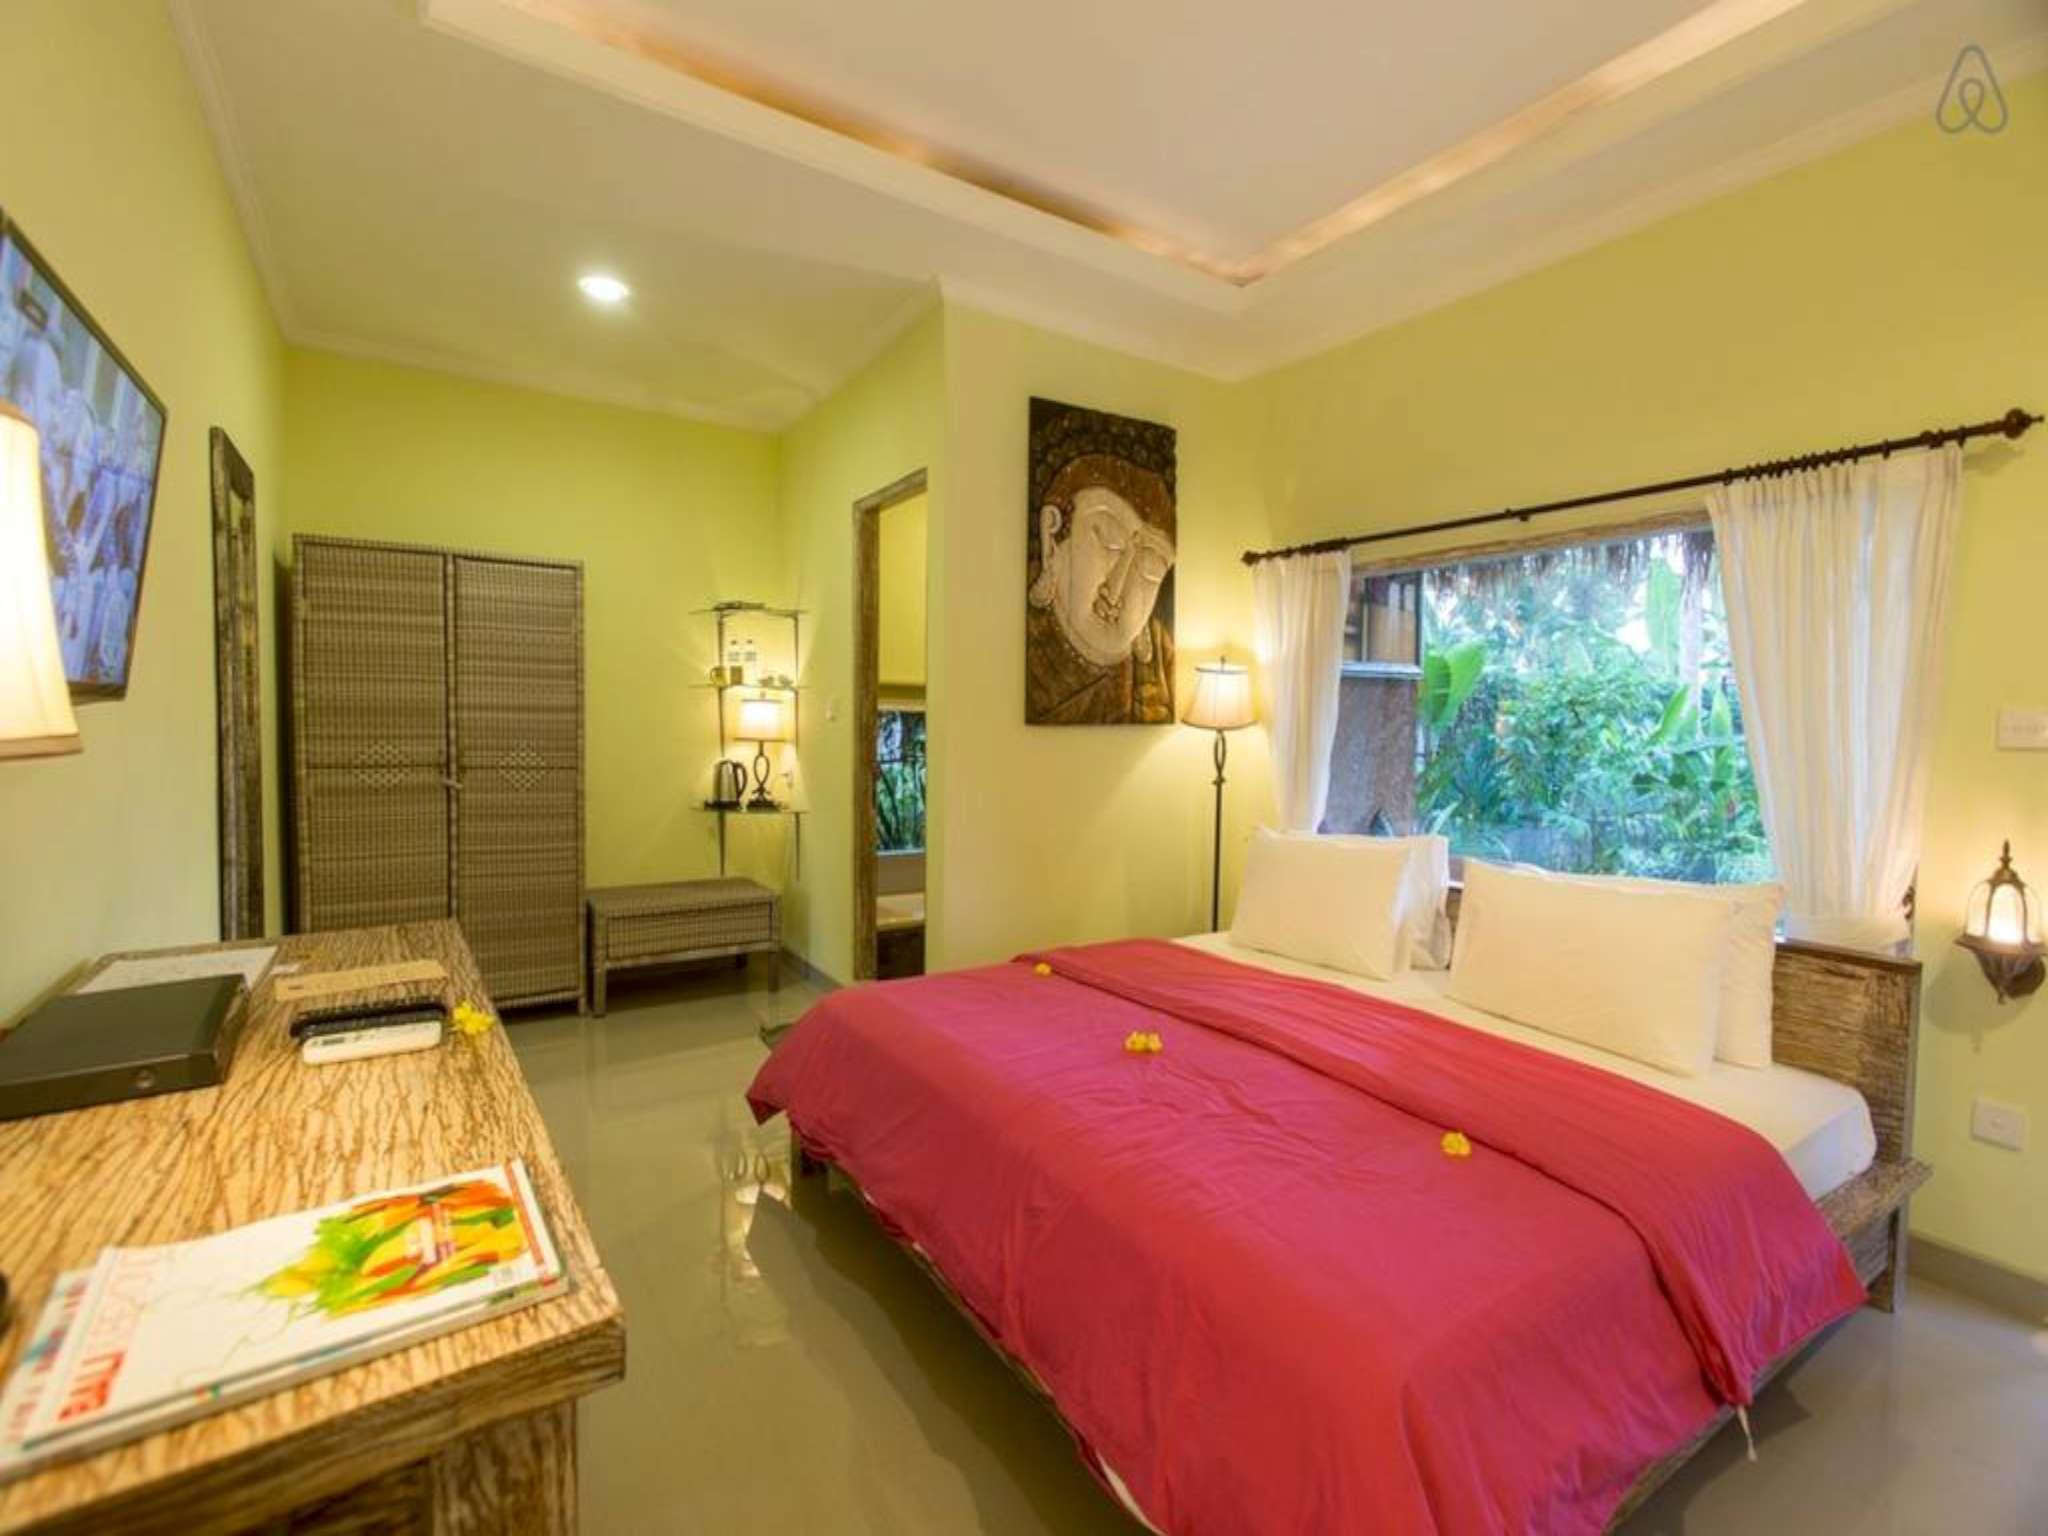 Ubud Tropical One Bedroom Balinese